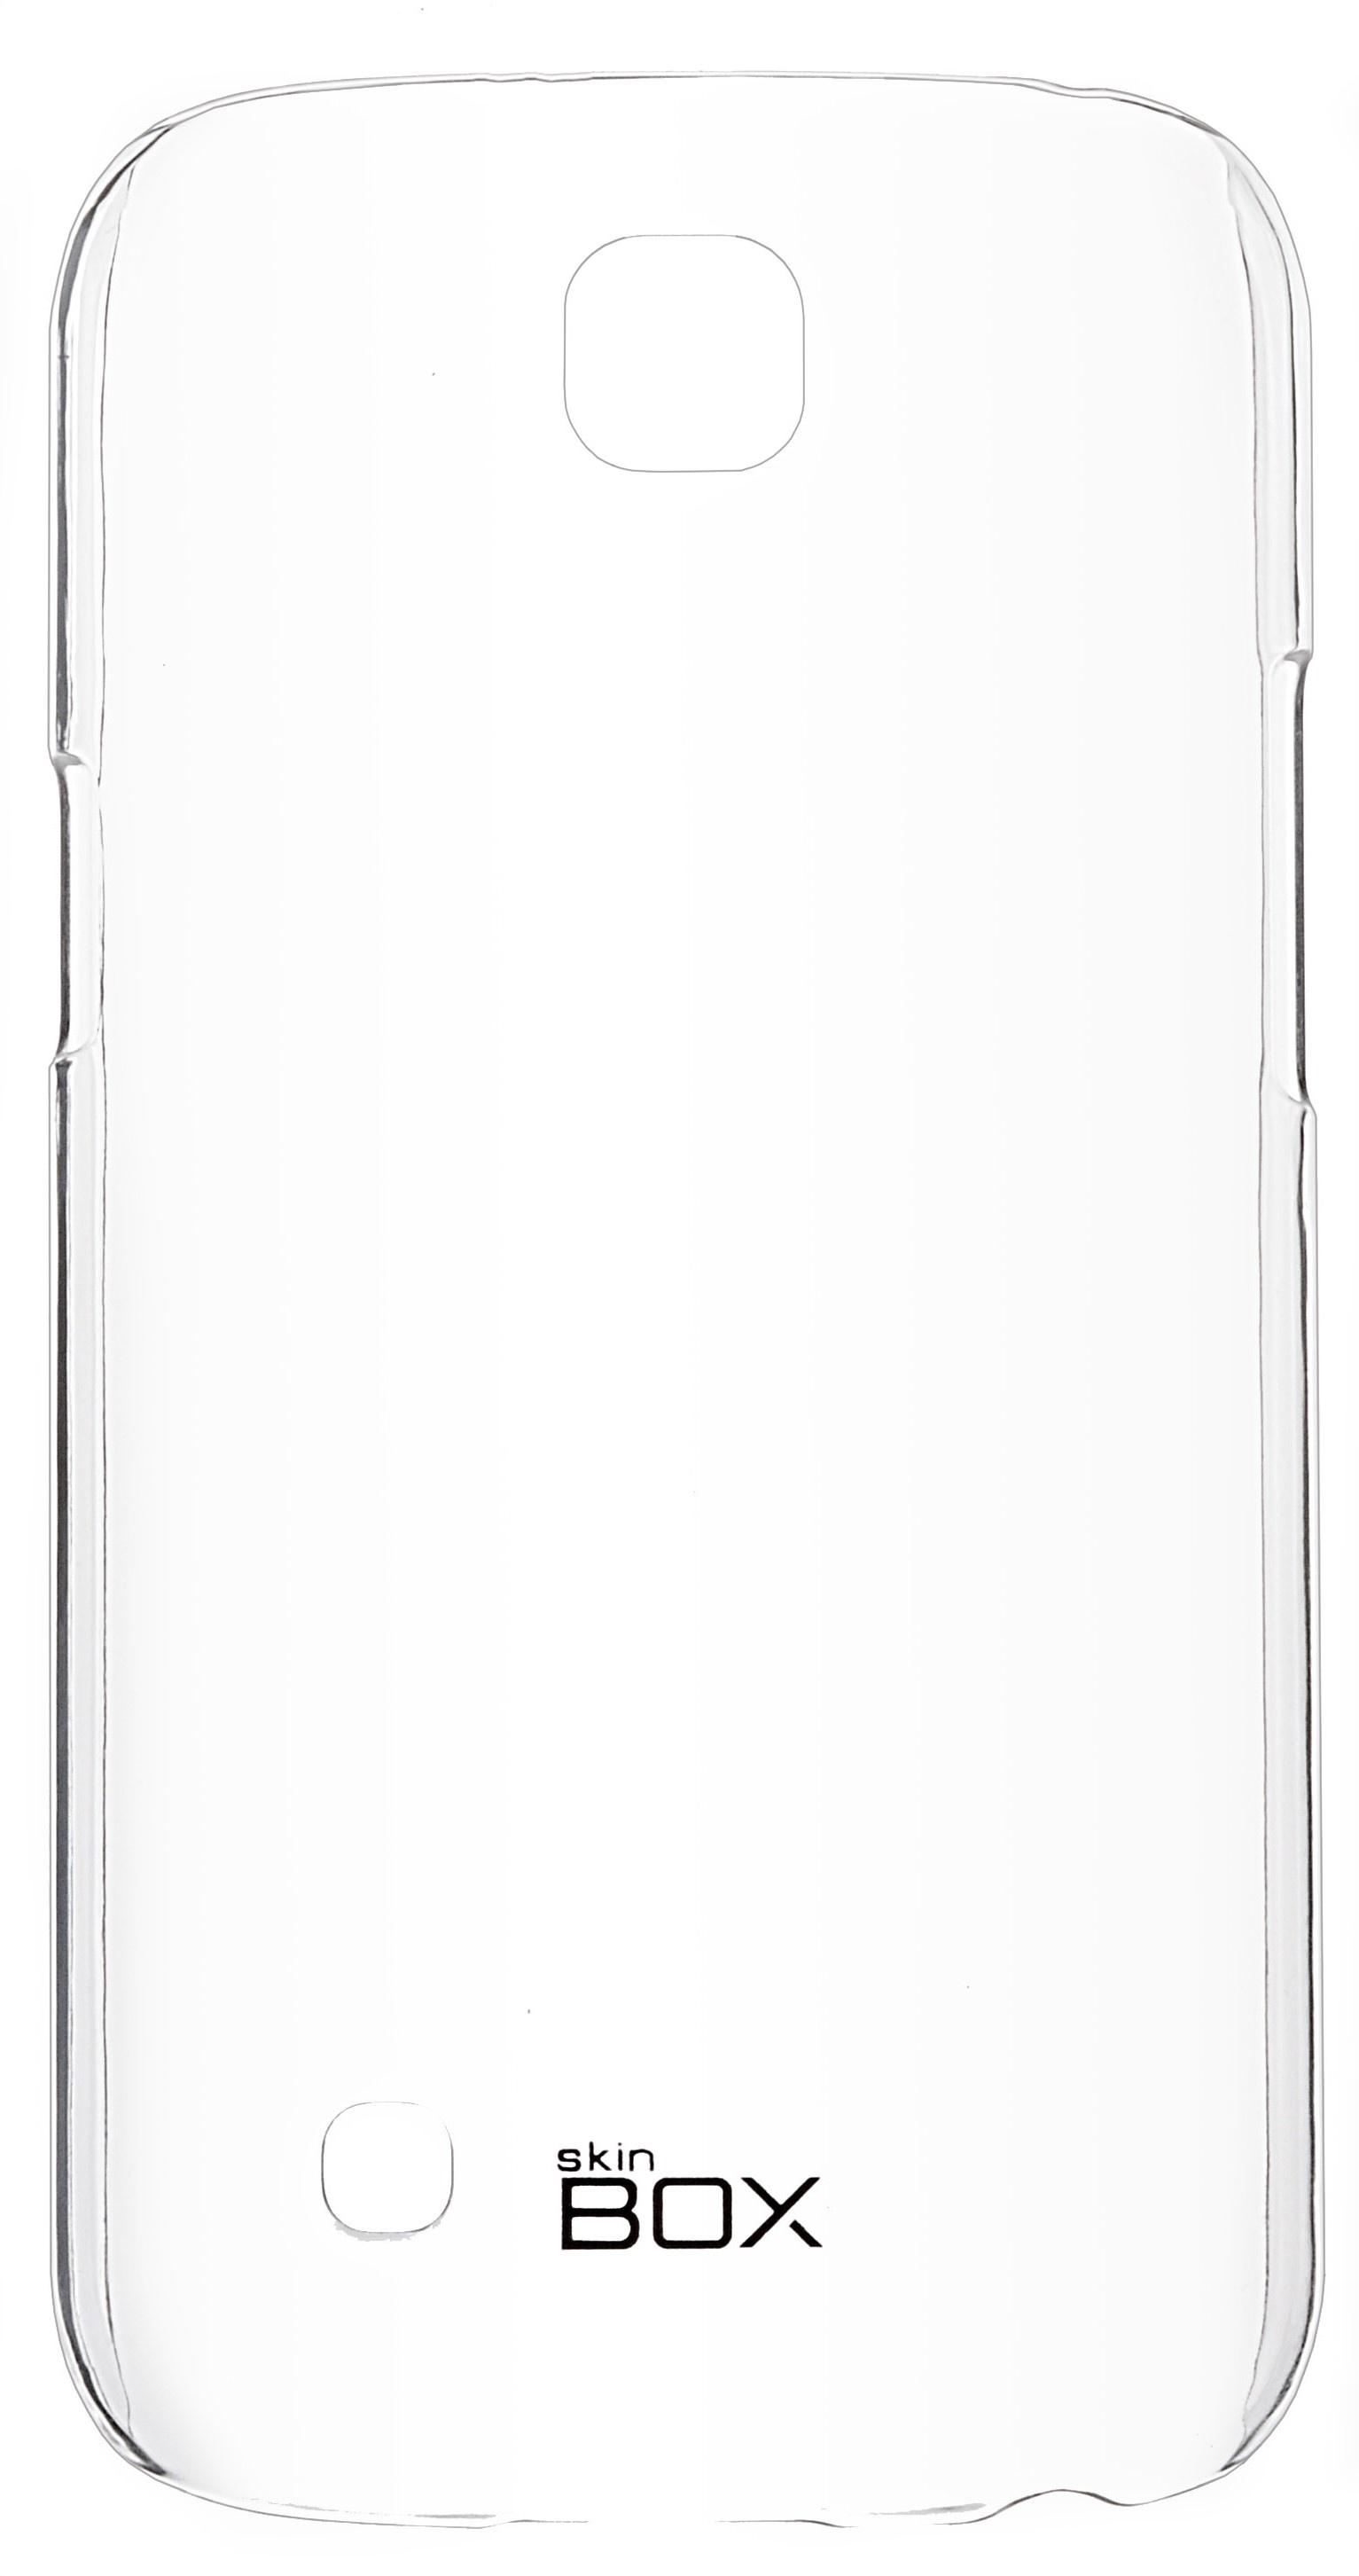 Чехол для сотового телефона skinBOX Crystal, 4630042528260, прозрачный чехол для сотового телефона skinbox crystal 4630042524613 прозрачный